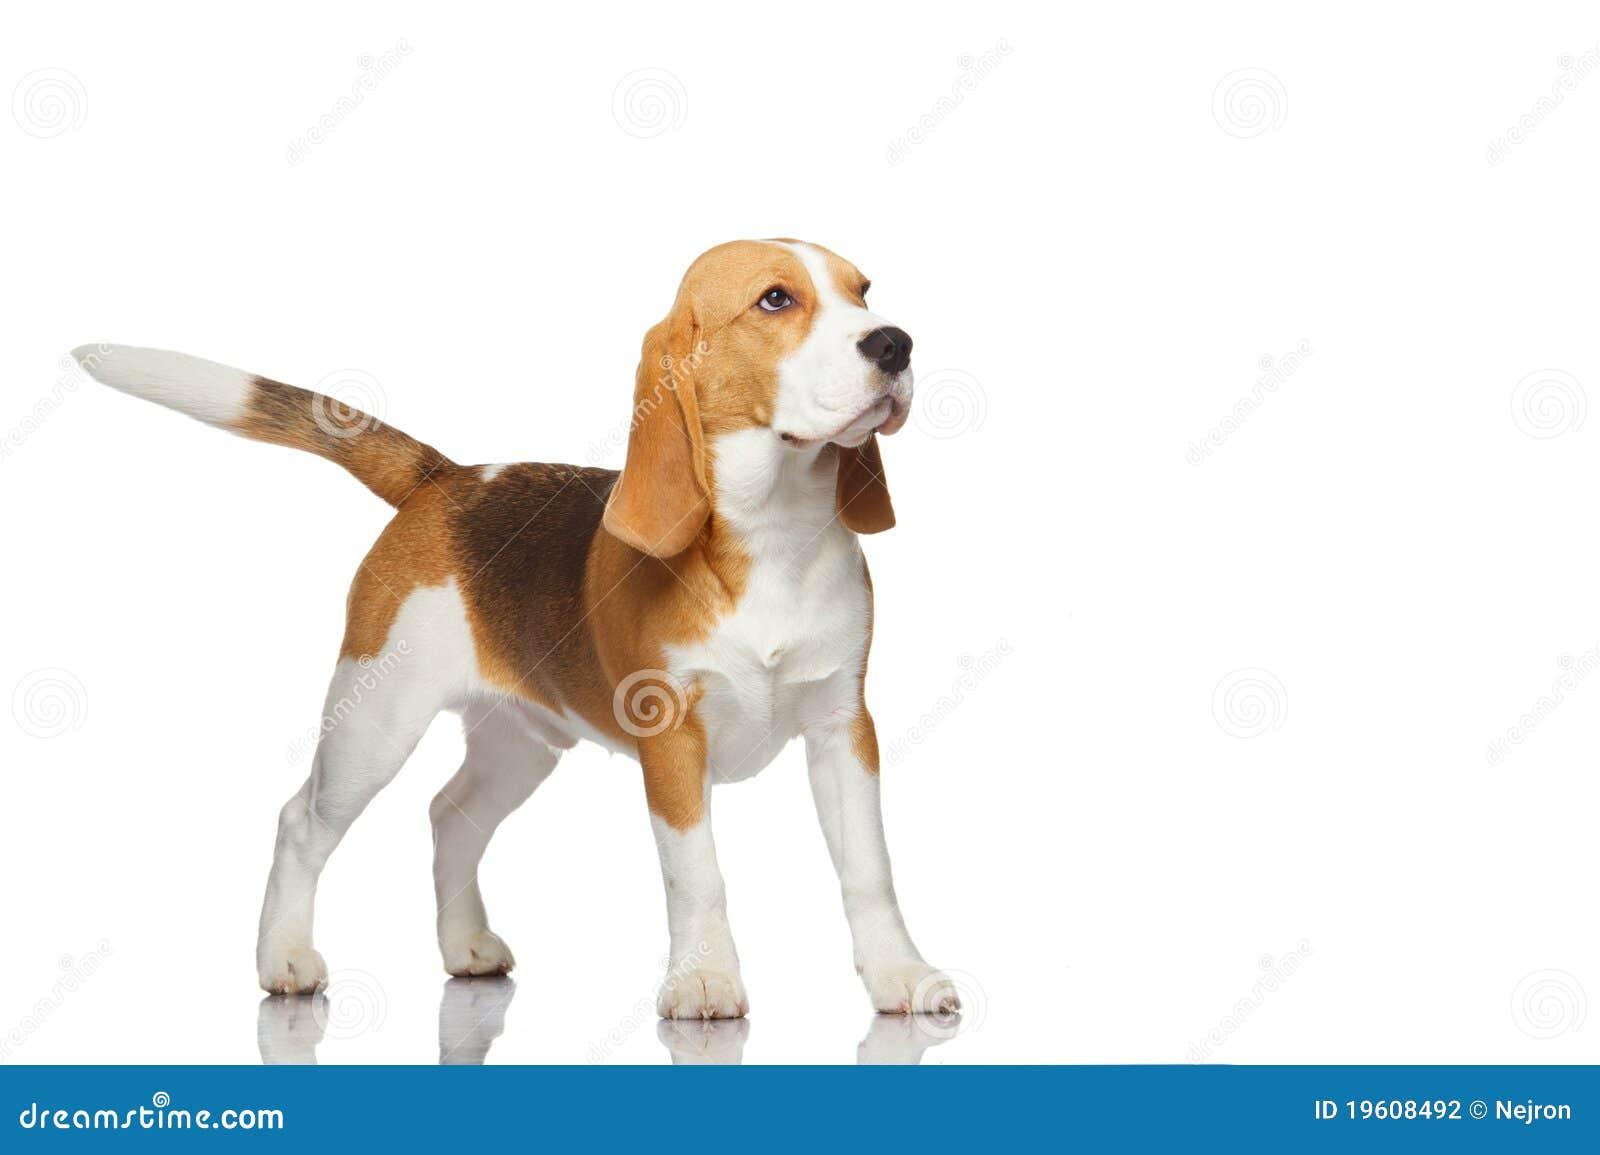 Cão do lebreiro isolado no fundo branco.